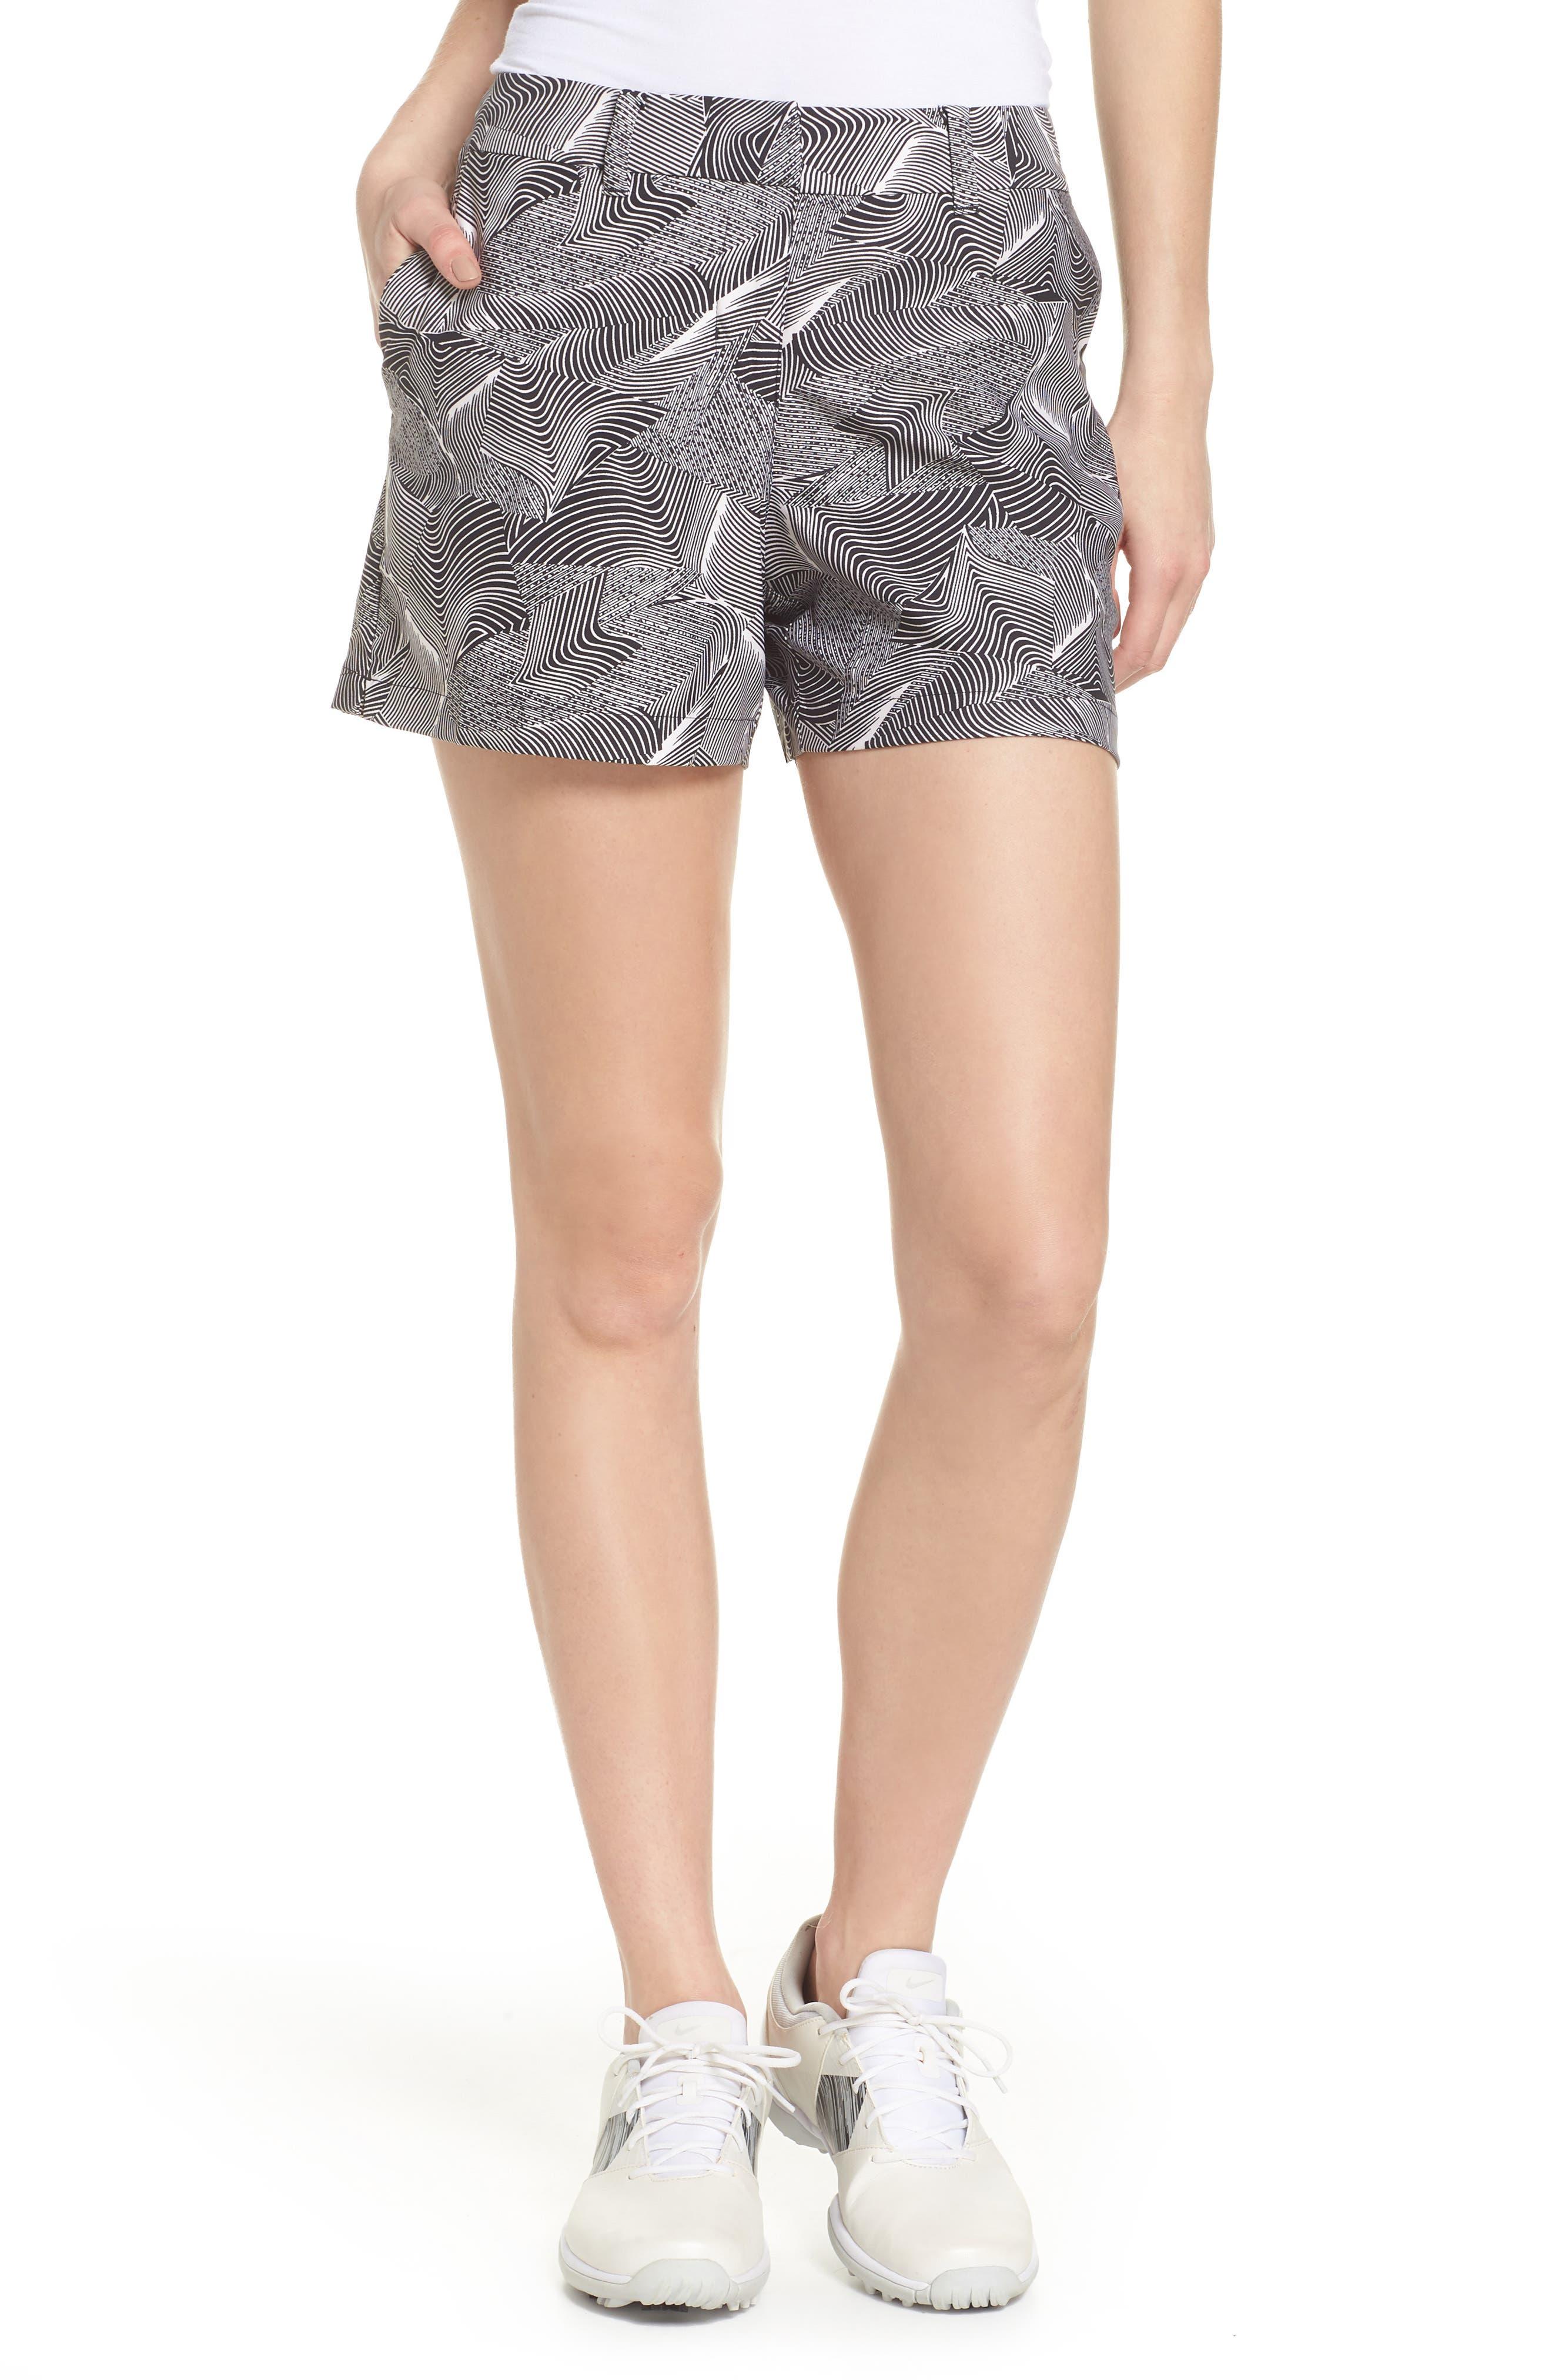 Flex Golf Shorts,                             Main thumbnail 1, color,                             White/ Black/ White